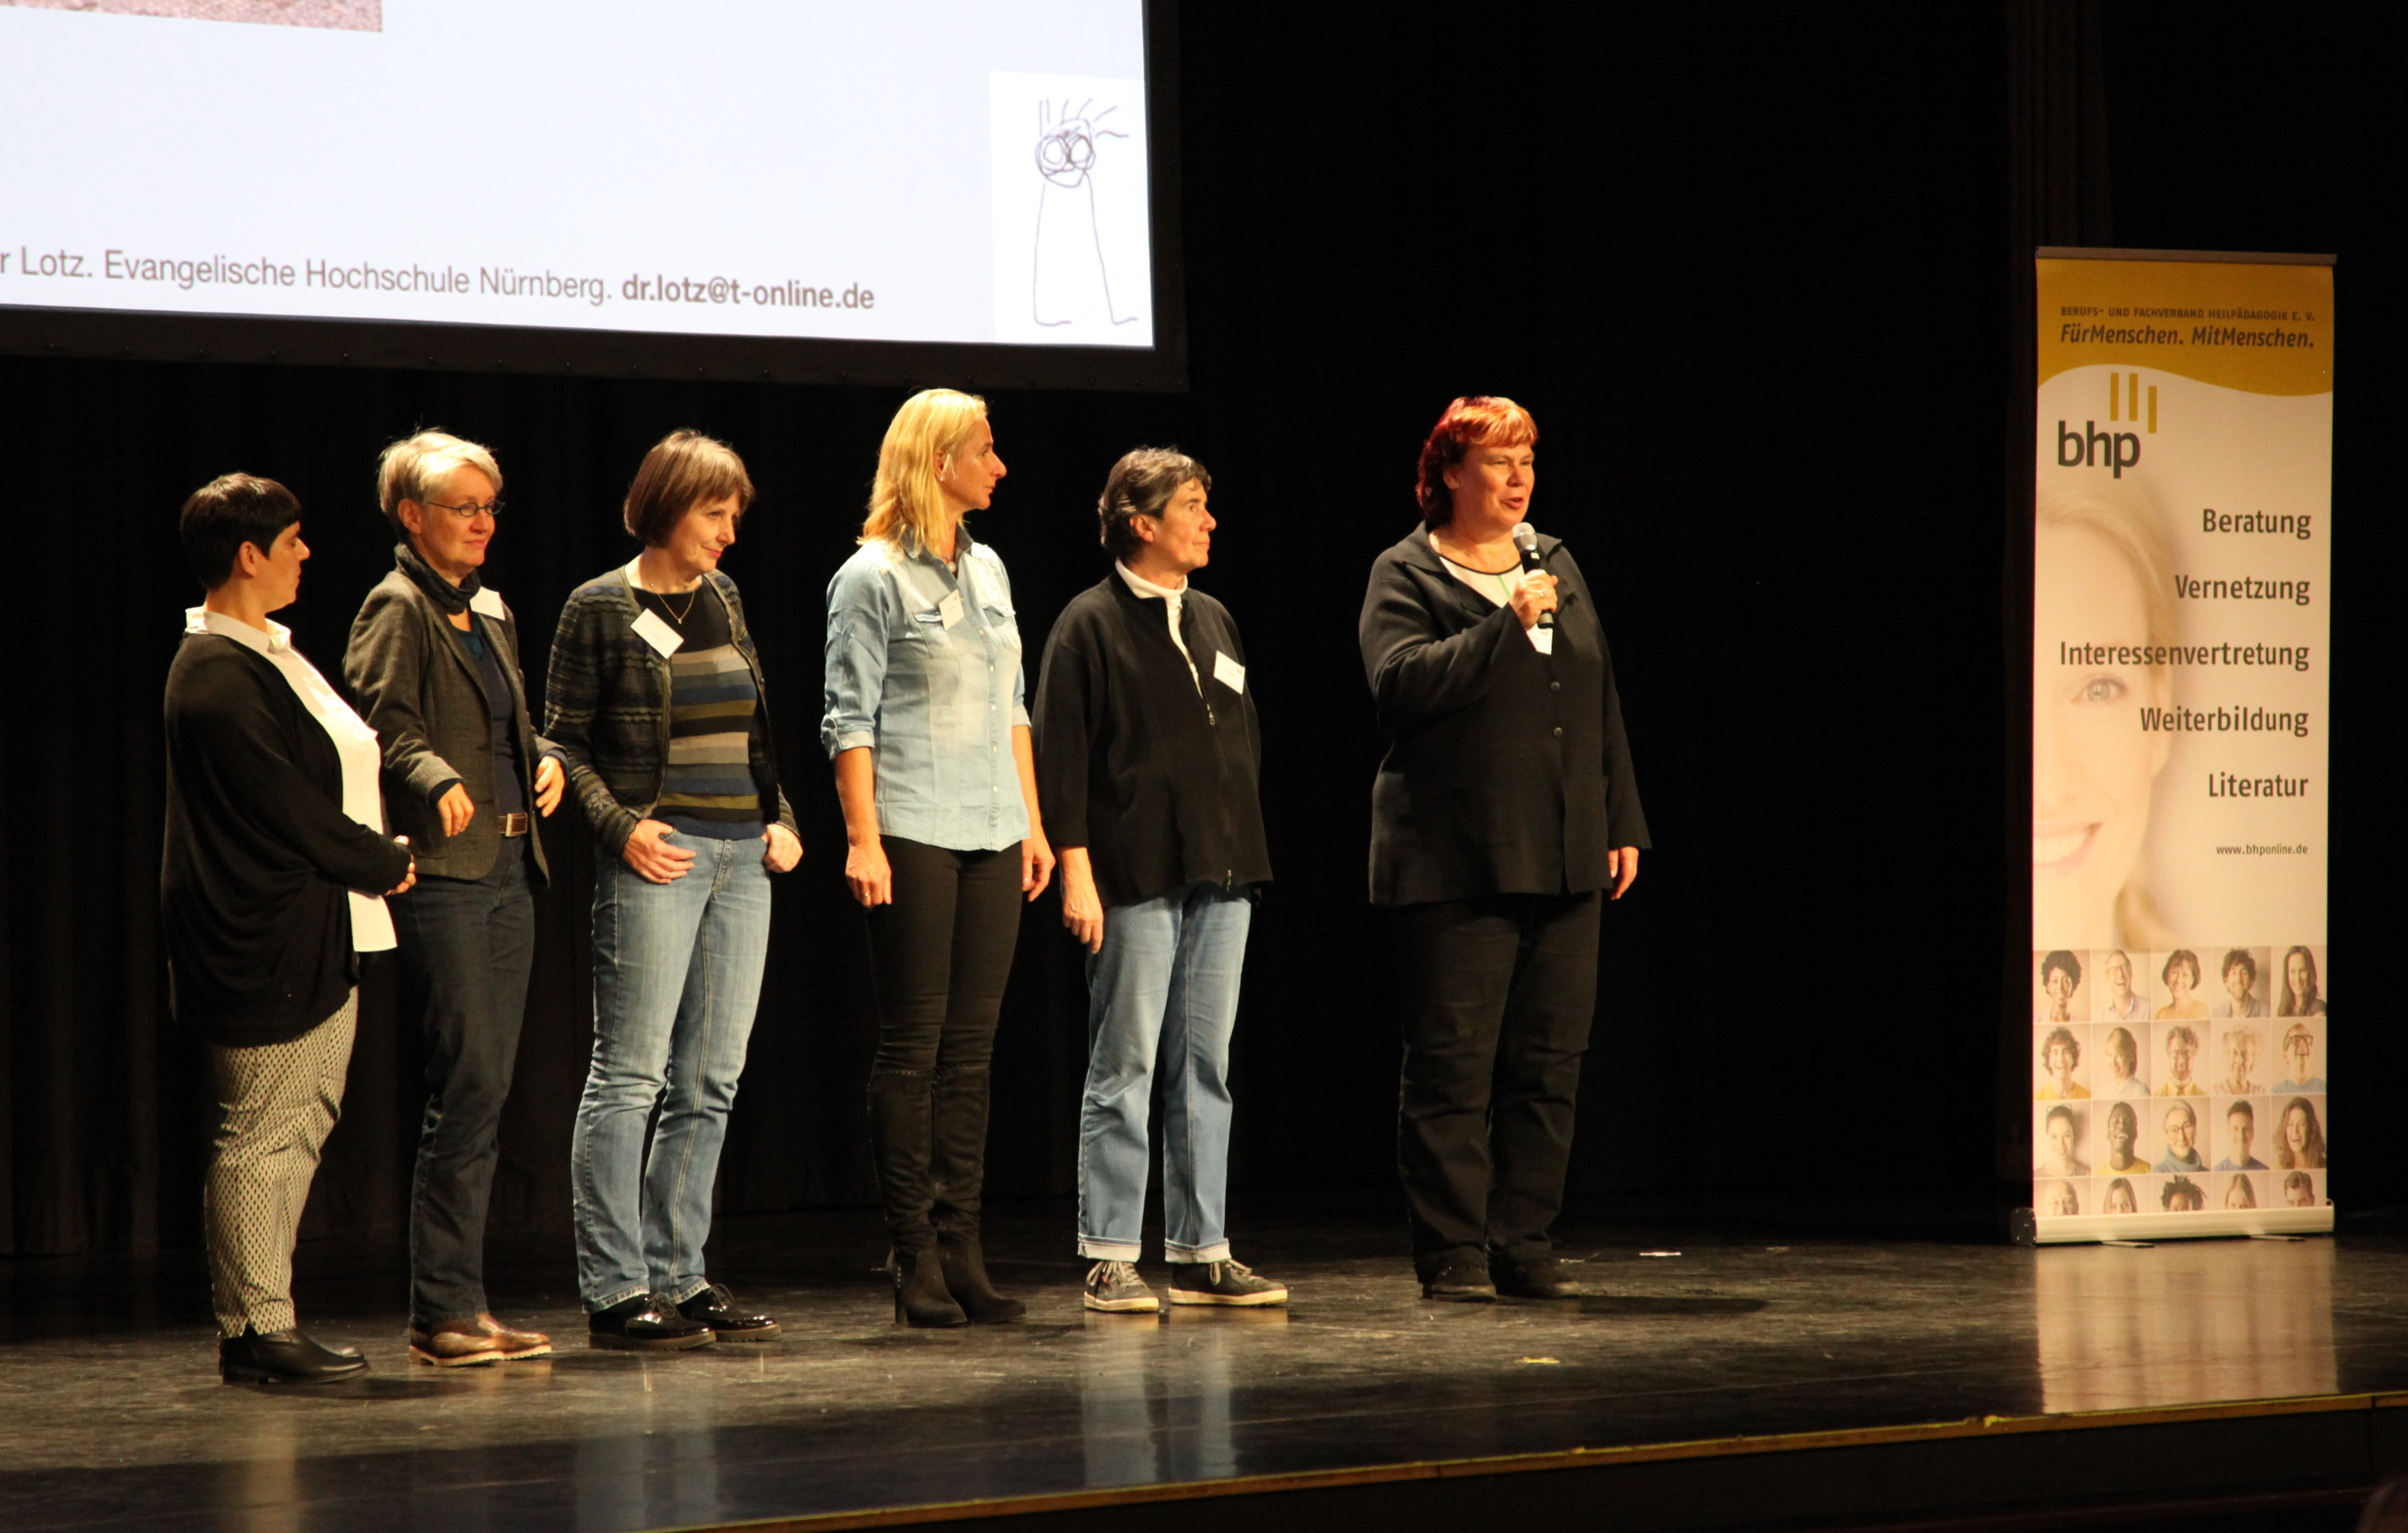 Der neue BHP Vorstand: Sandra Kapinsky, Prof. Dr. Simone Danz, Heidi Fischer, Cornelia Künzel, Vera Knüppel und Dagmar Gumbert